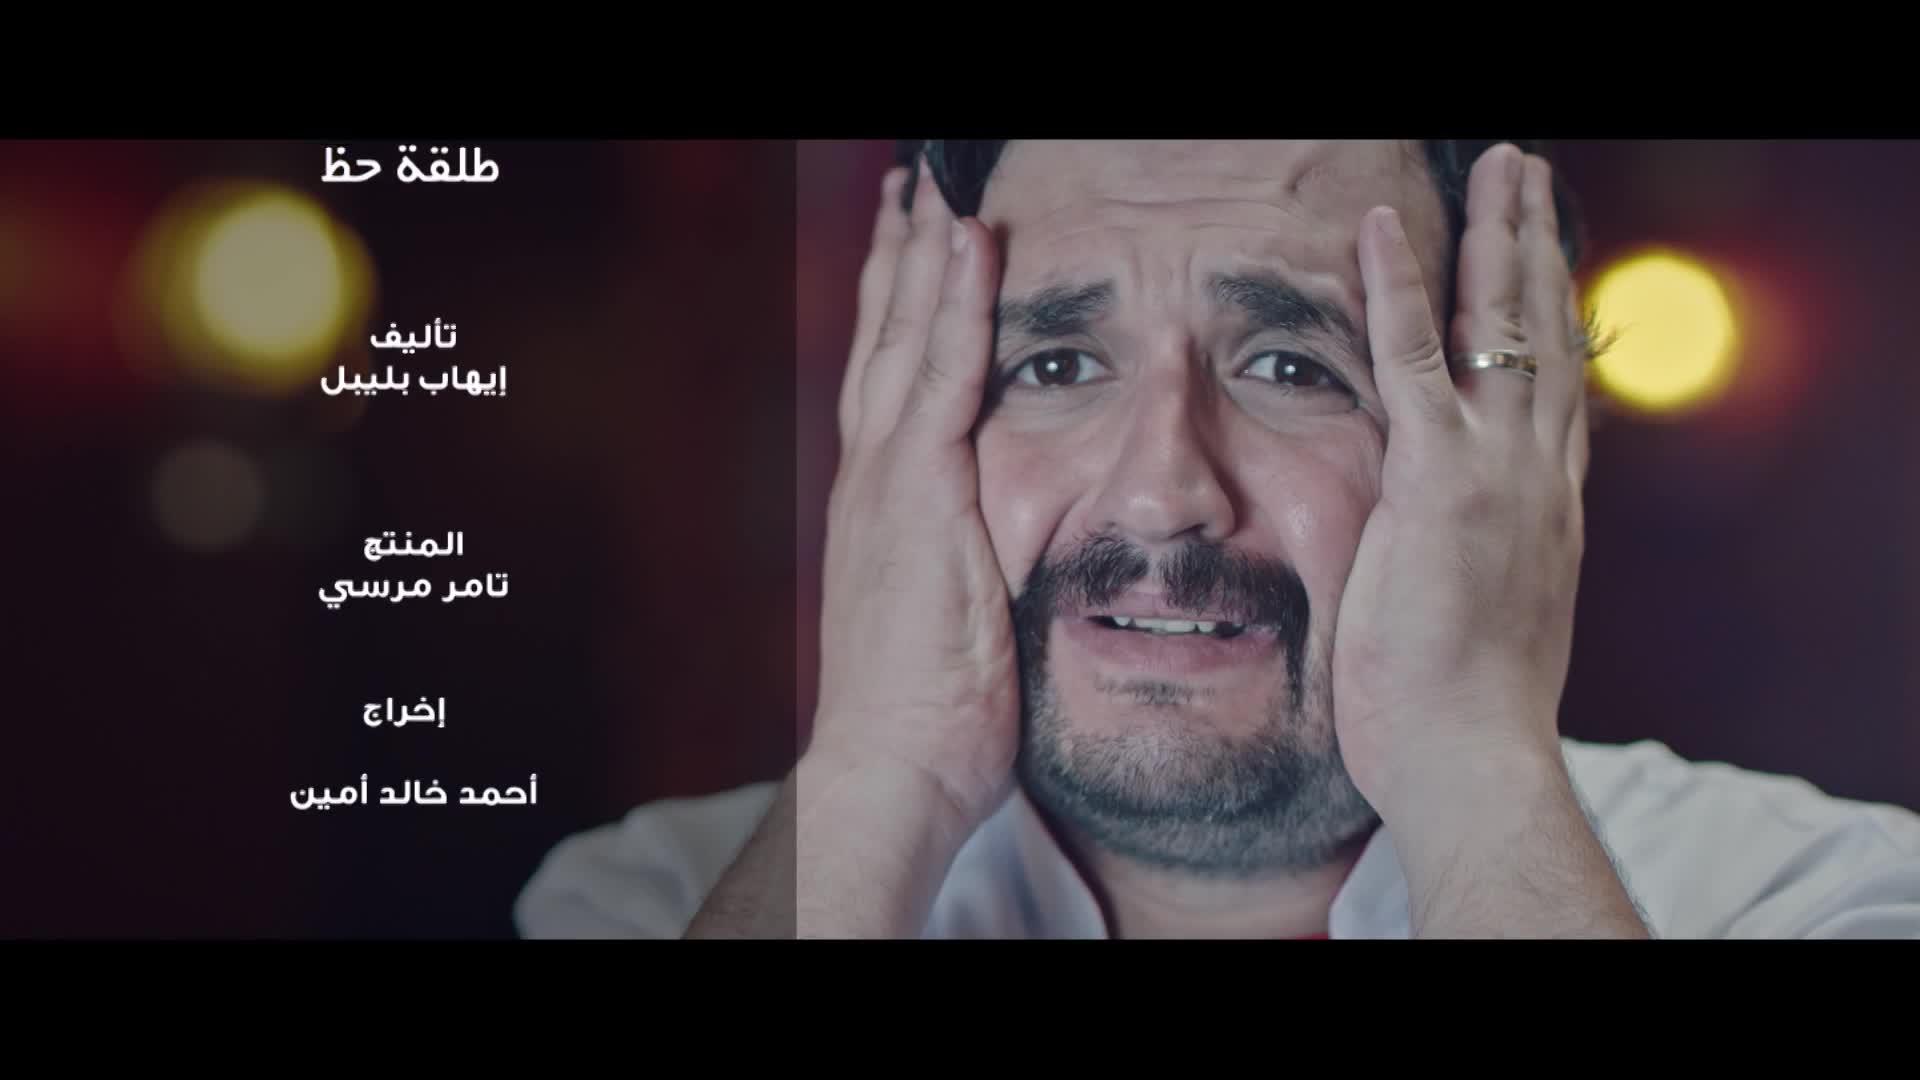 المسلسل المصري طلقة حظ [2019][WEB DL][1080p] تحميل تورنت 27 arabp2p.com